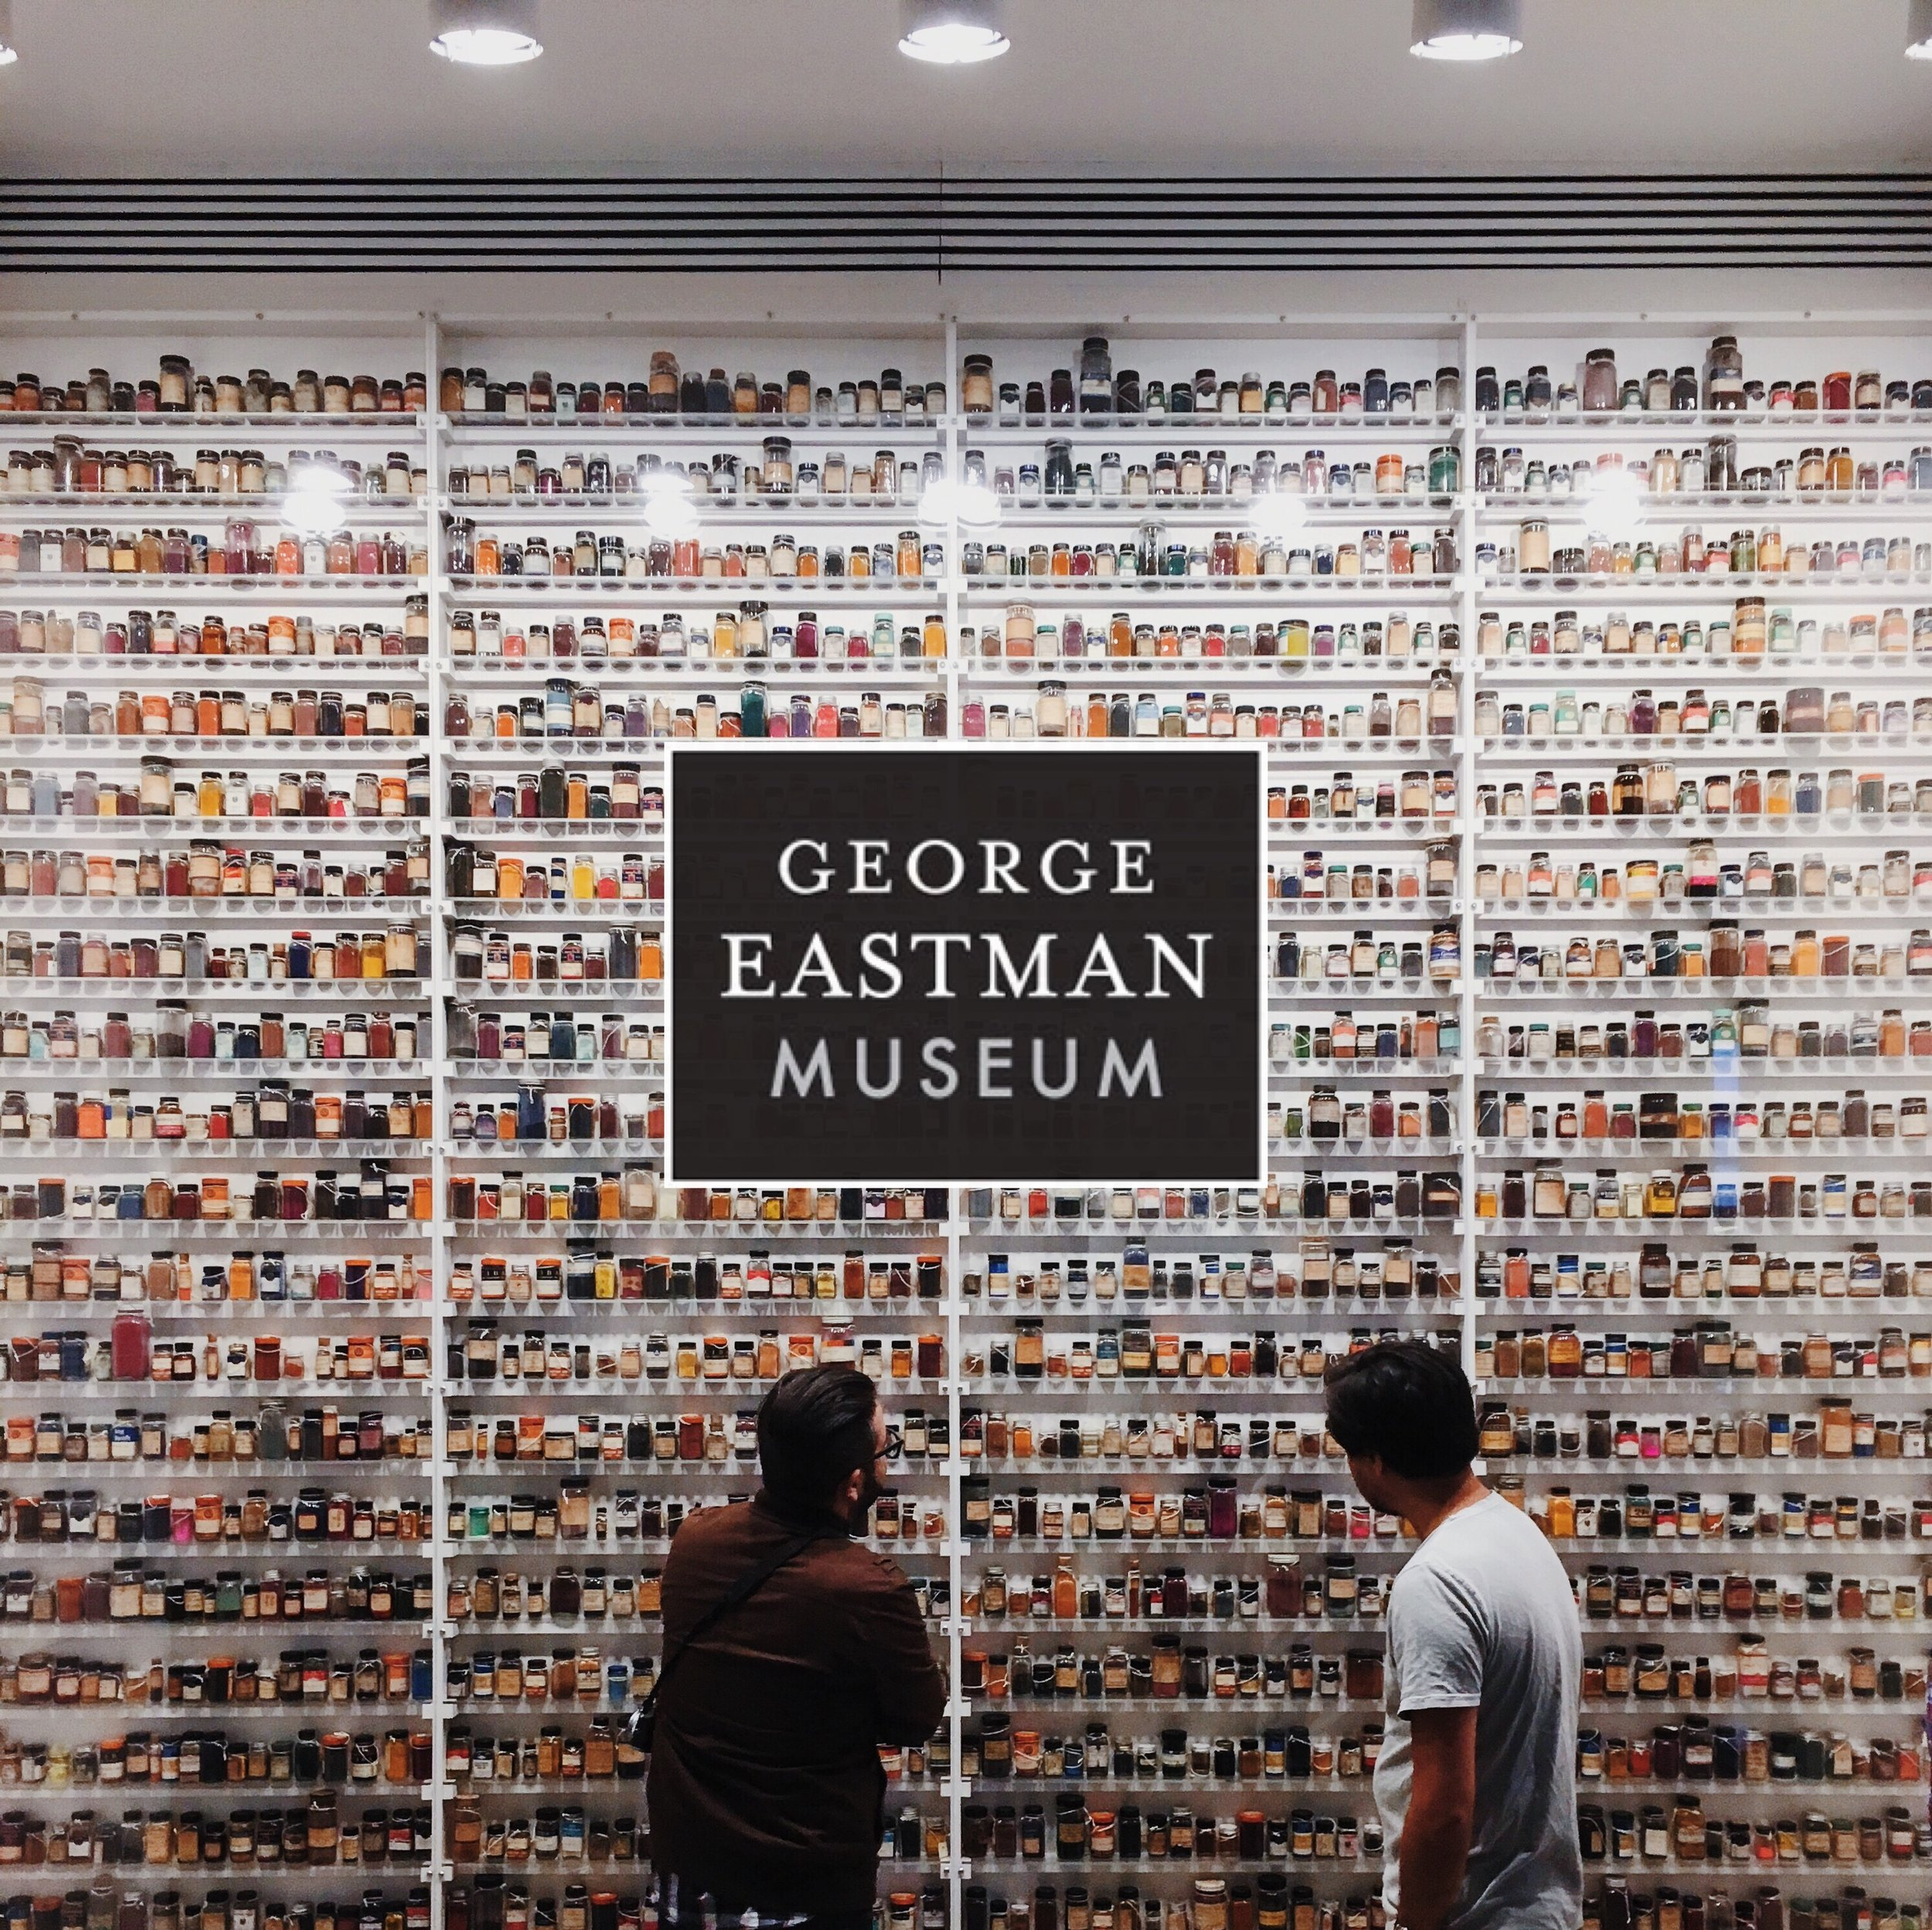 Eastman Museum